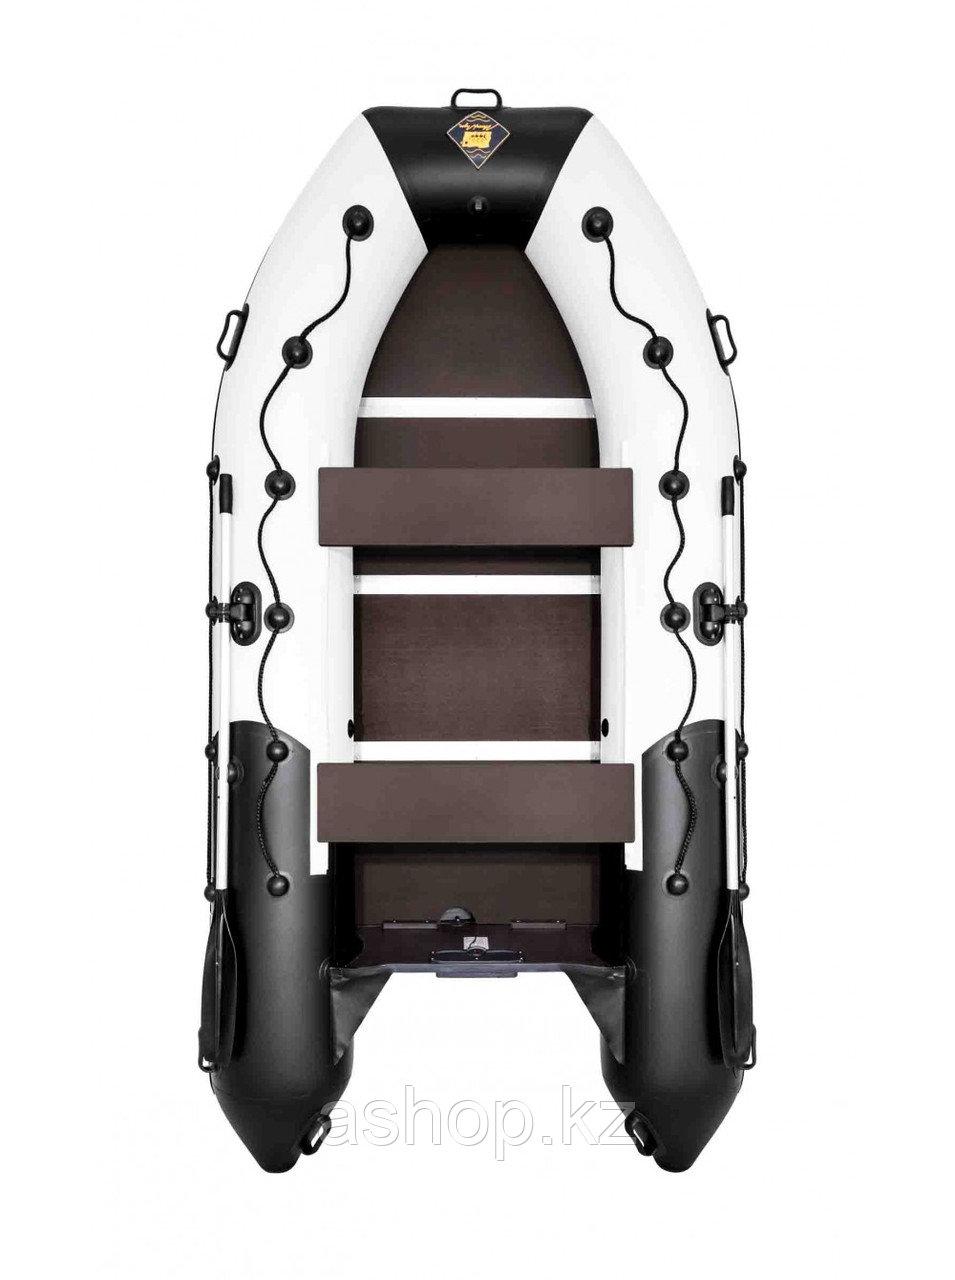 Лодка надувная моторно-гребная килевая Ривьера Максима  3400 СК, Грузоподъемность: 650кг, Вместимость: 3 чел.,